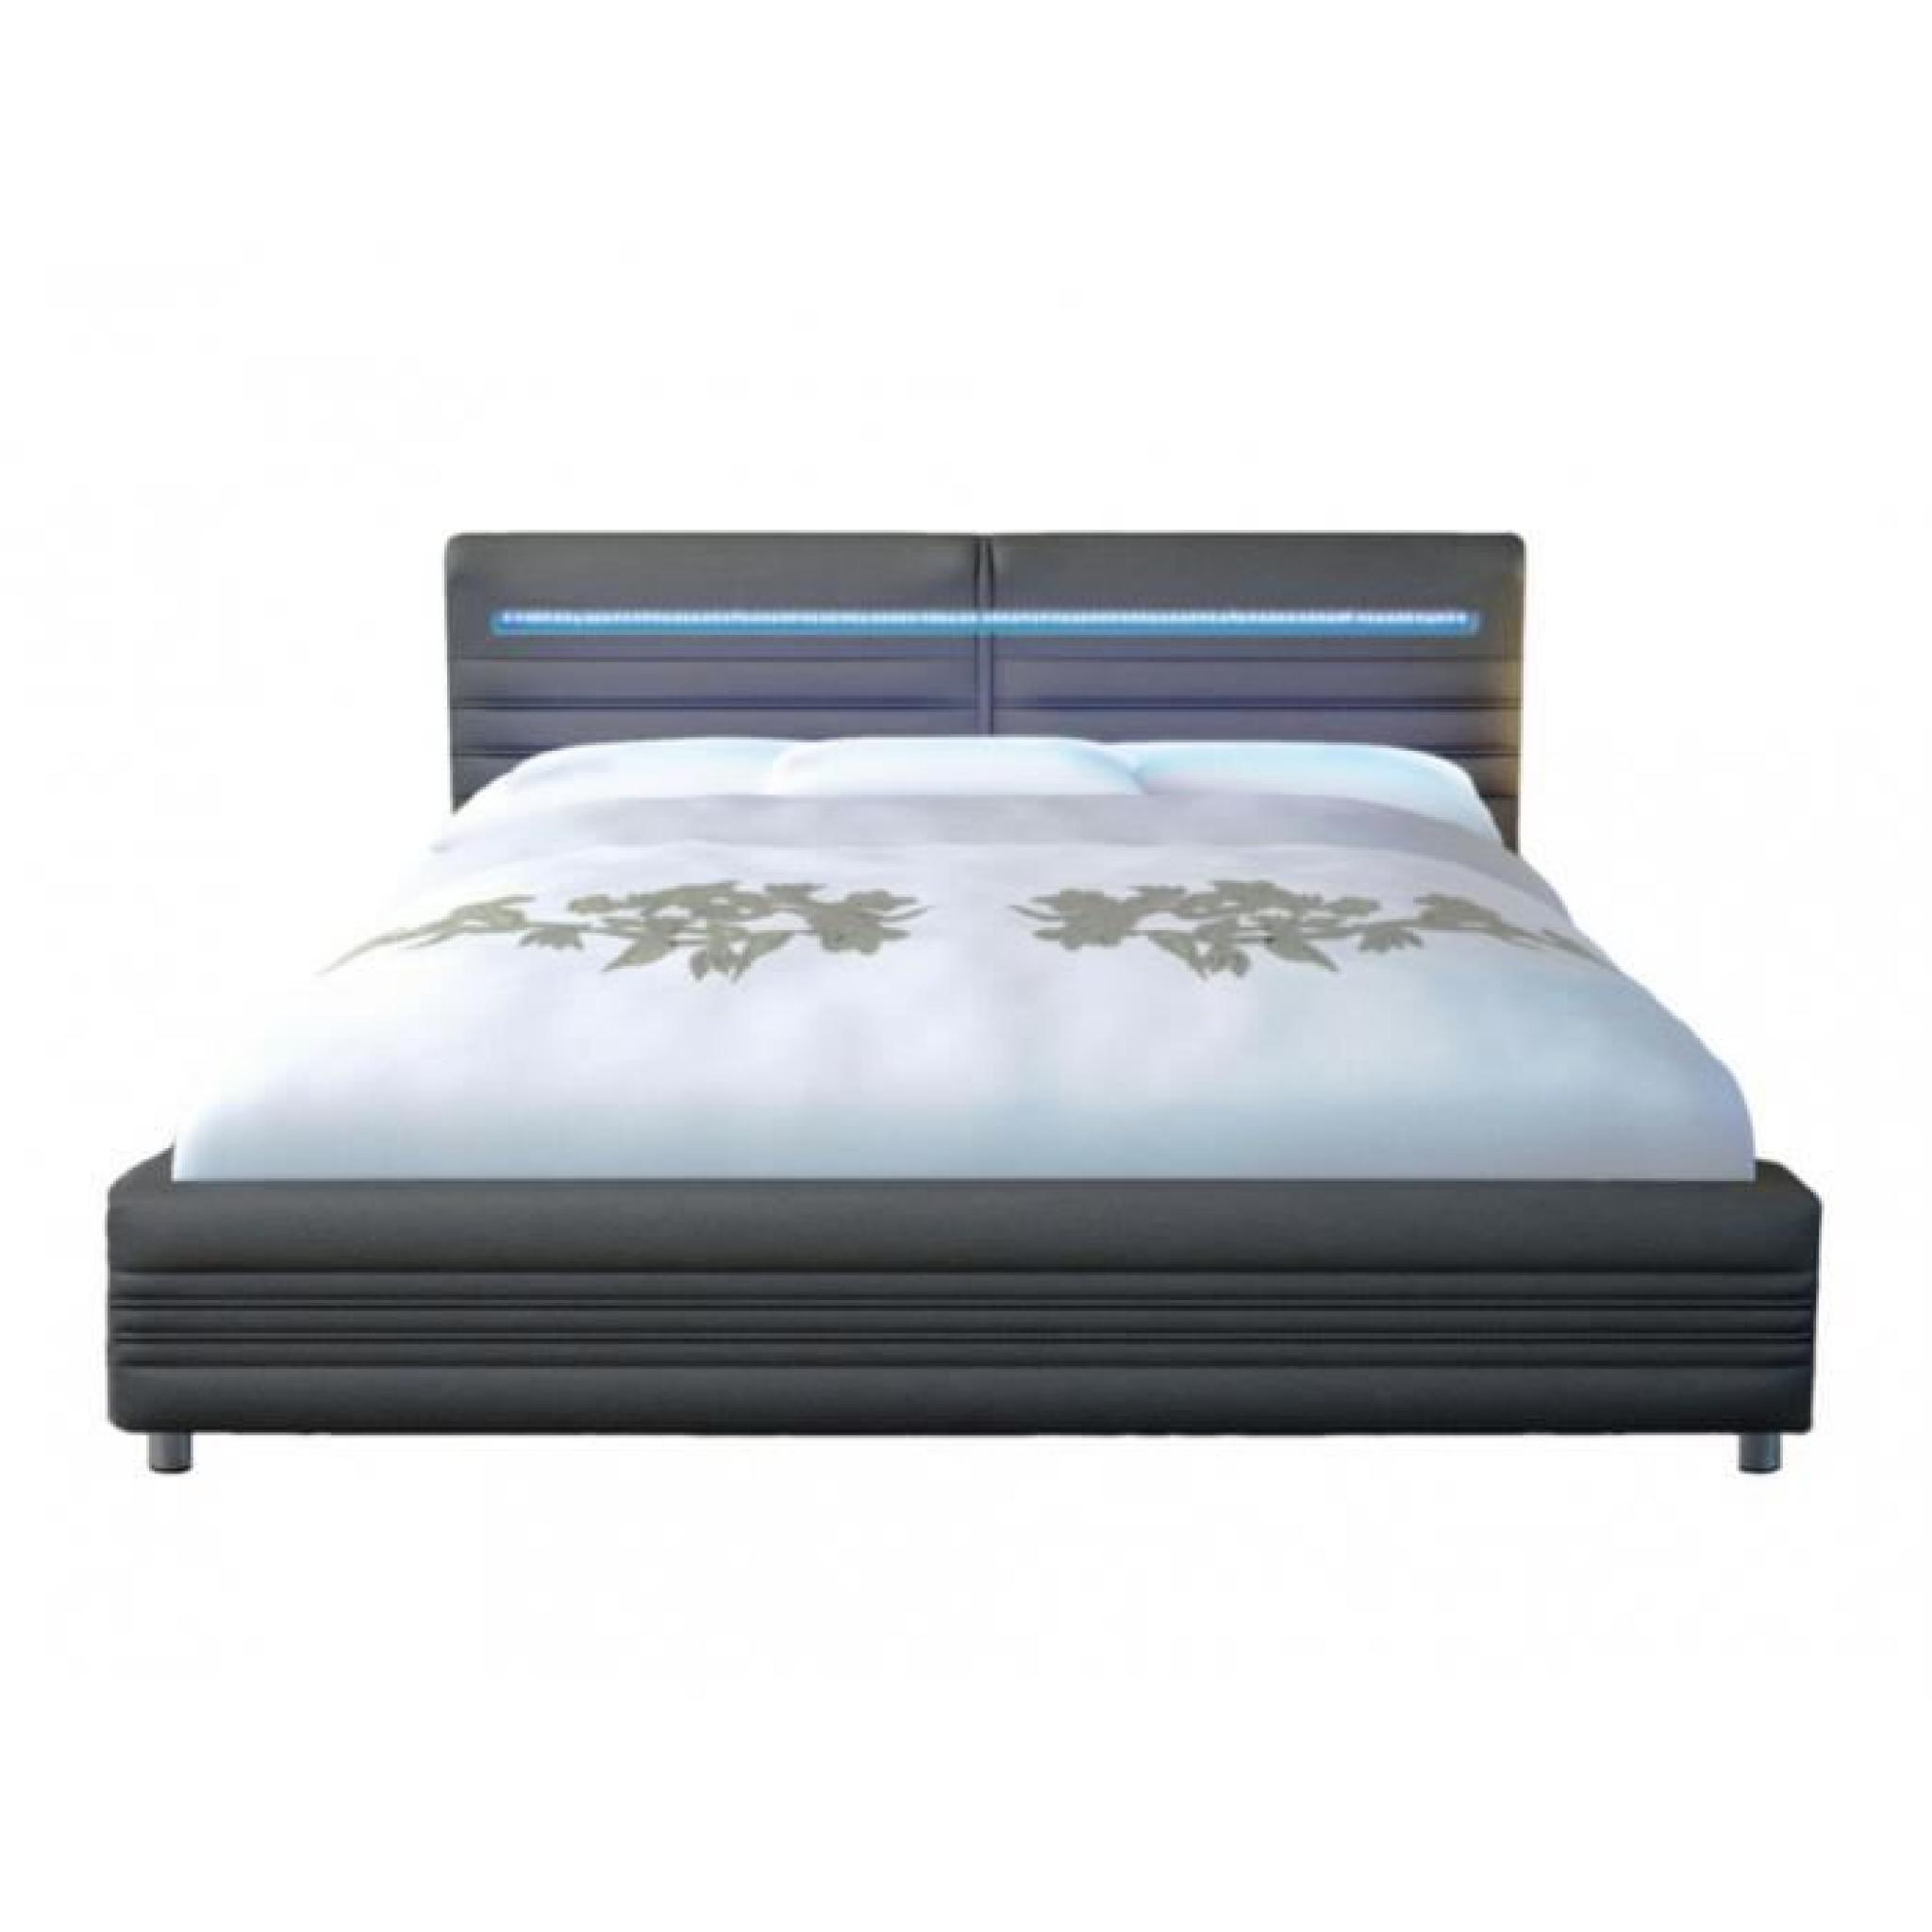 lit reflexion 160x200cm simili gris avec leds achat vente lit pas cher couleur et. Black Bedroom Furniture Sets. Home Design Ideas